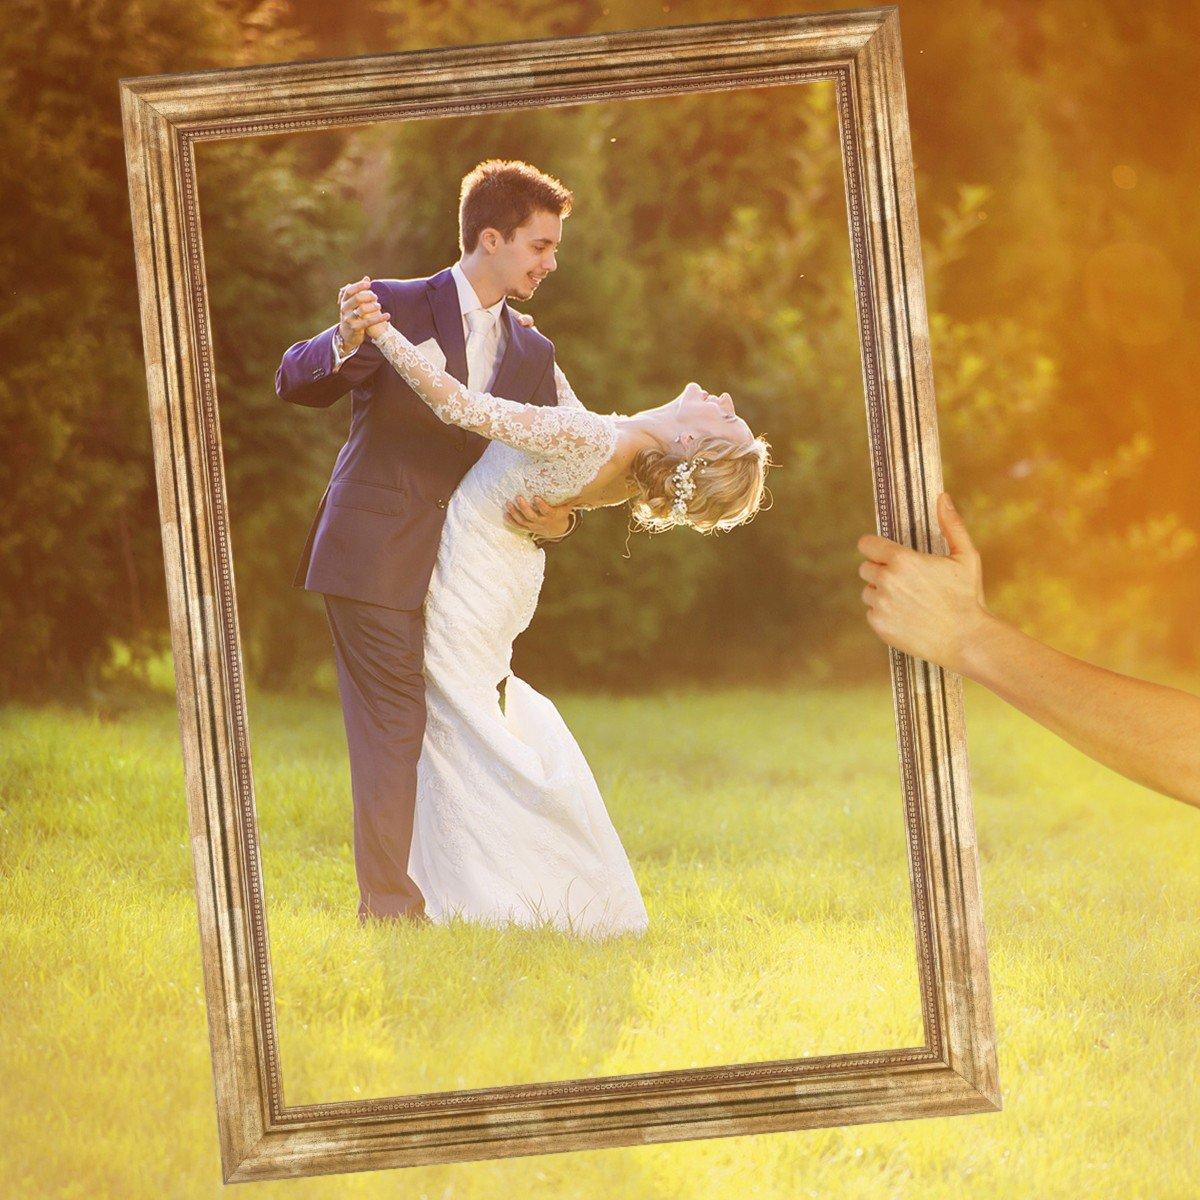 PHOTOLINI Hochzeit-Bilderrahmen für beeindruckende Hochzeitsfotos Hochzeitsspiele oder als Hochzeits-Rahmen und Photo-Booth Zubehör 40x60 cm Farbe Gold